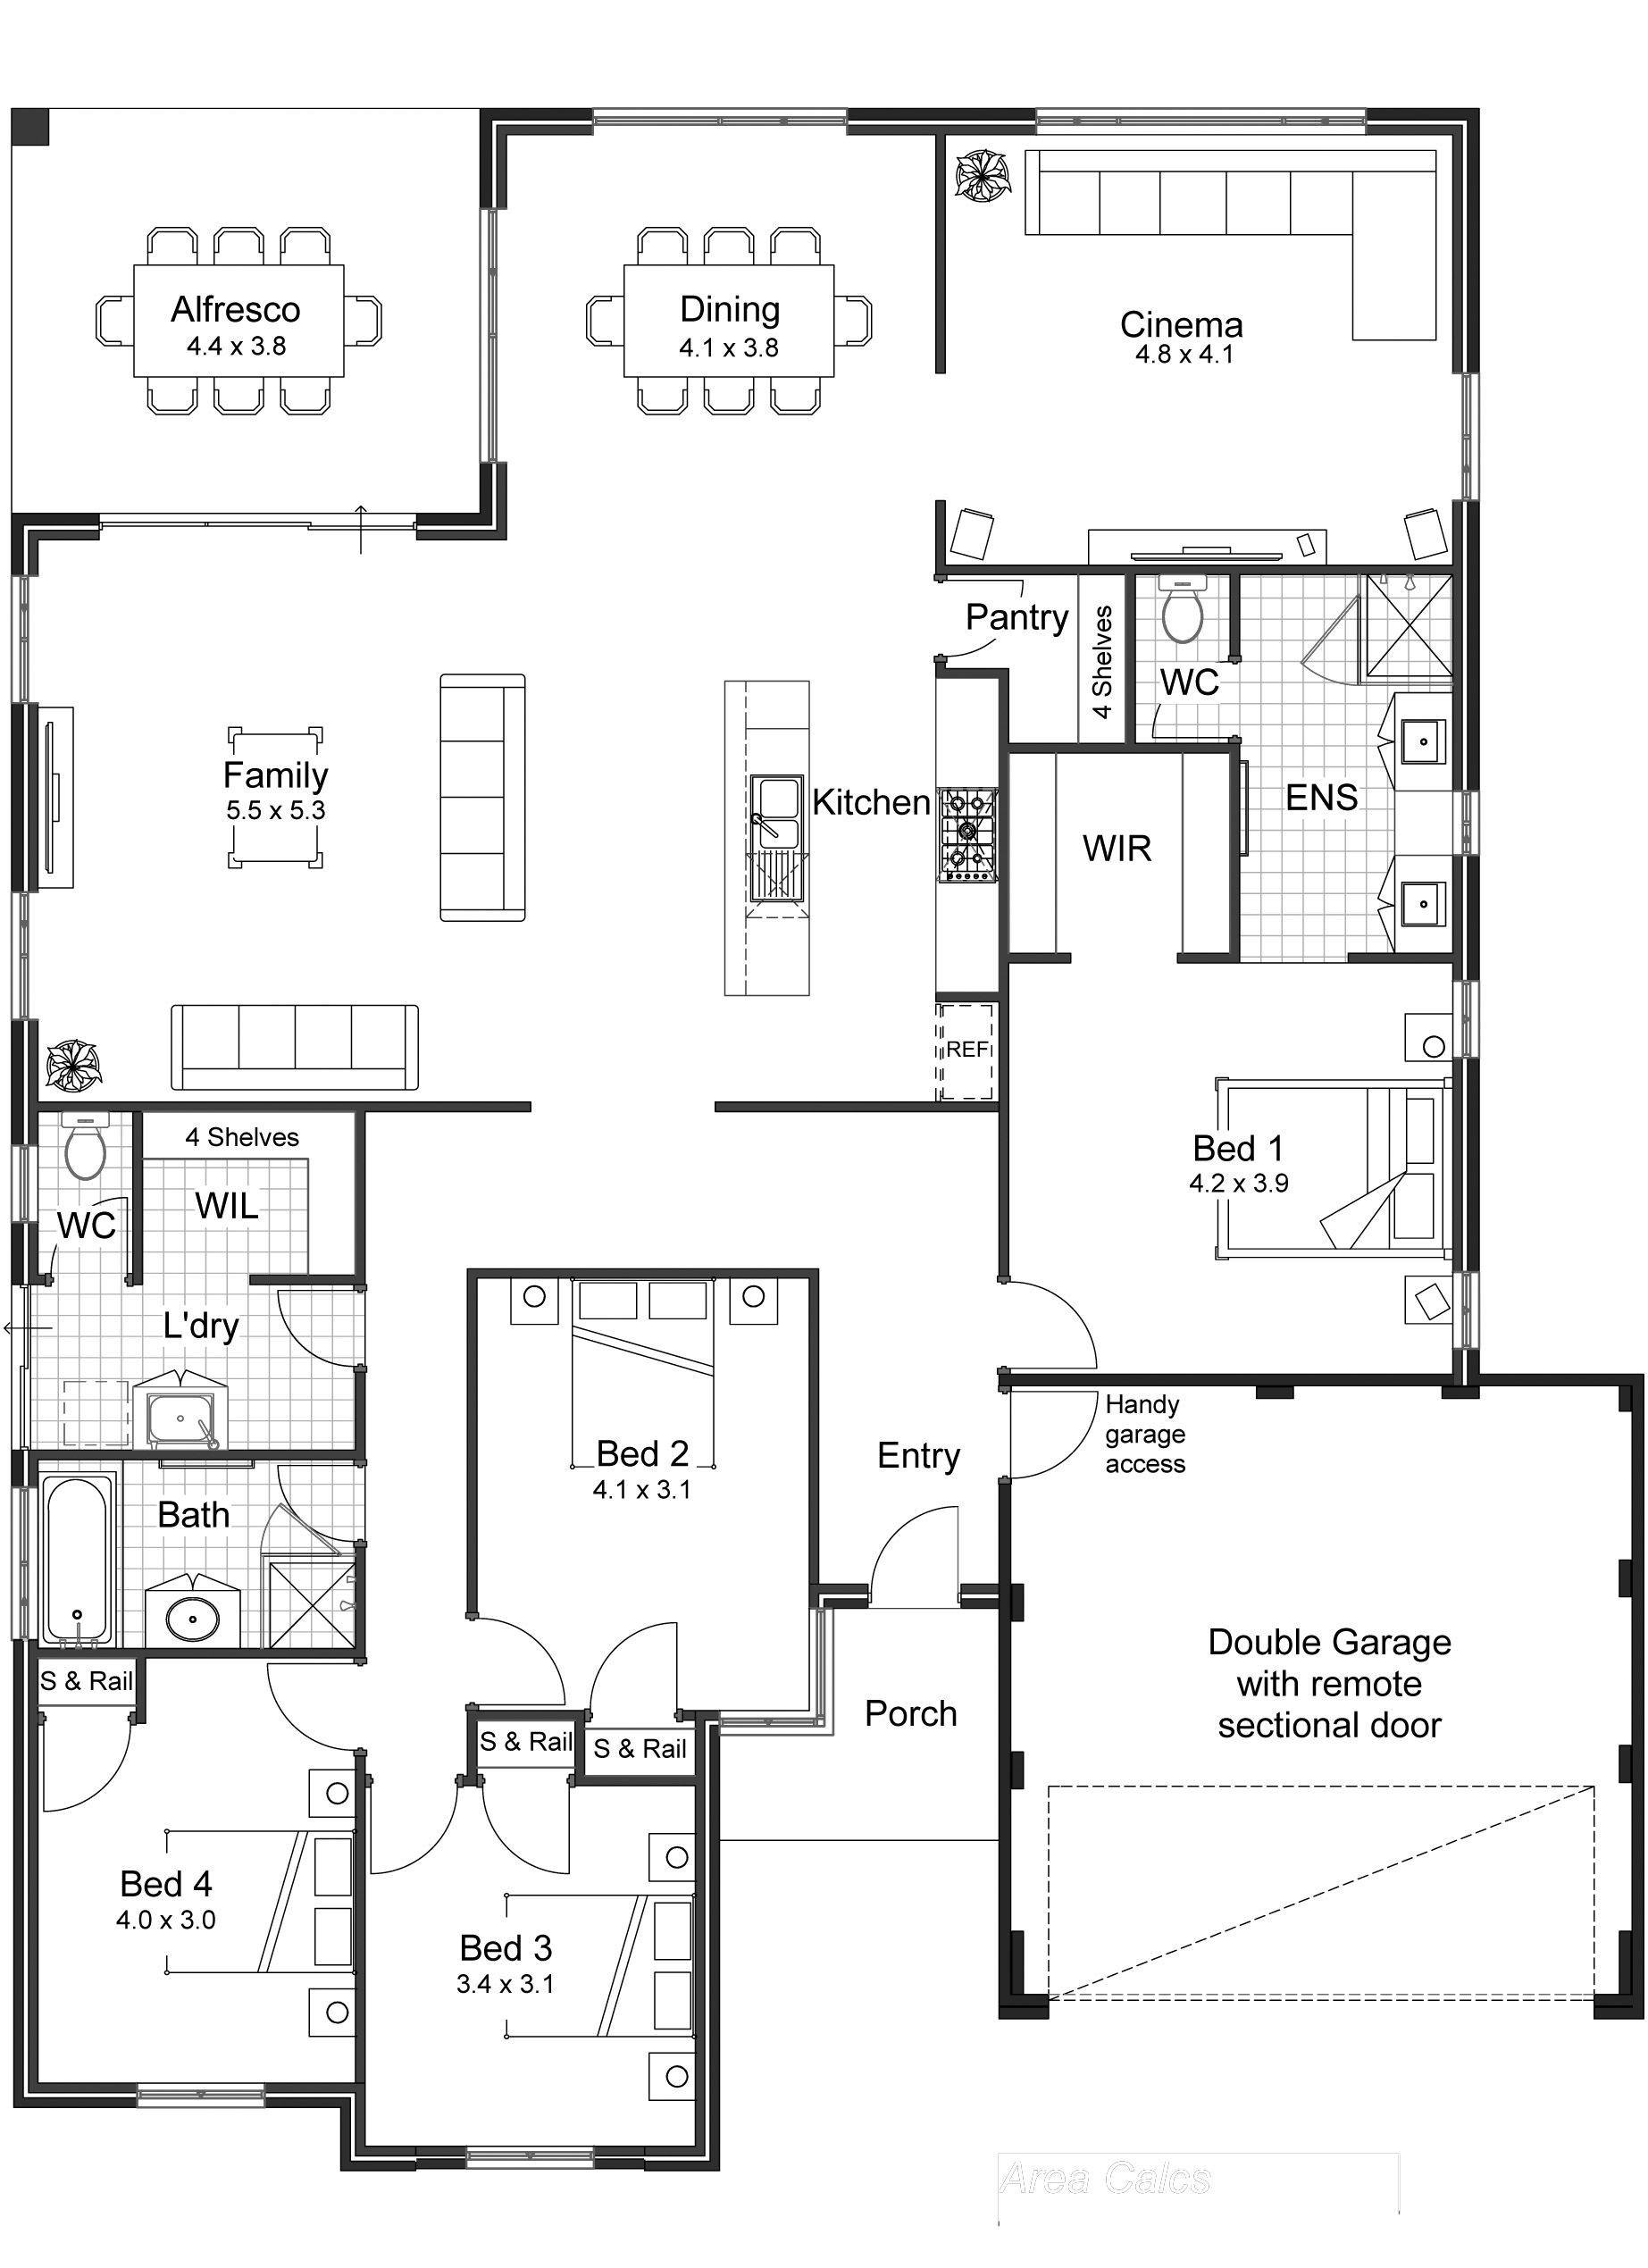 Elegant Bedroom House Plans Open Floor Unique Open Floor Plans In 2020 Open Floor House Plans Unique House Plans Modular Home Floor Plans